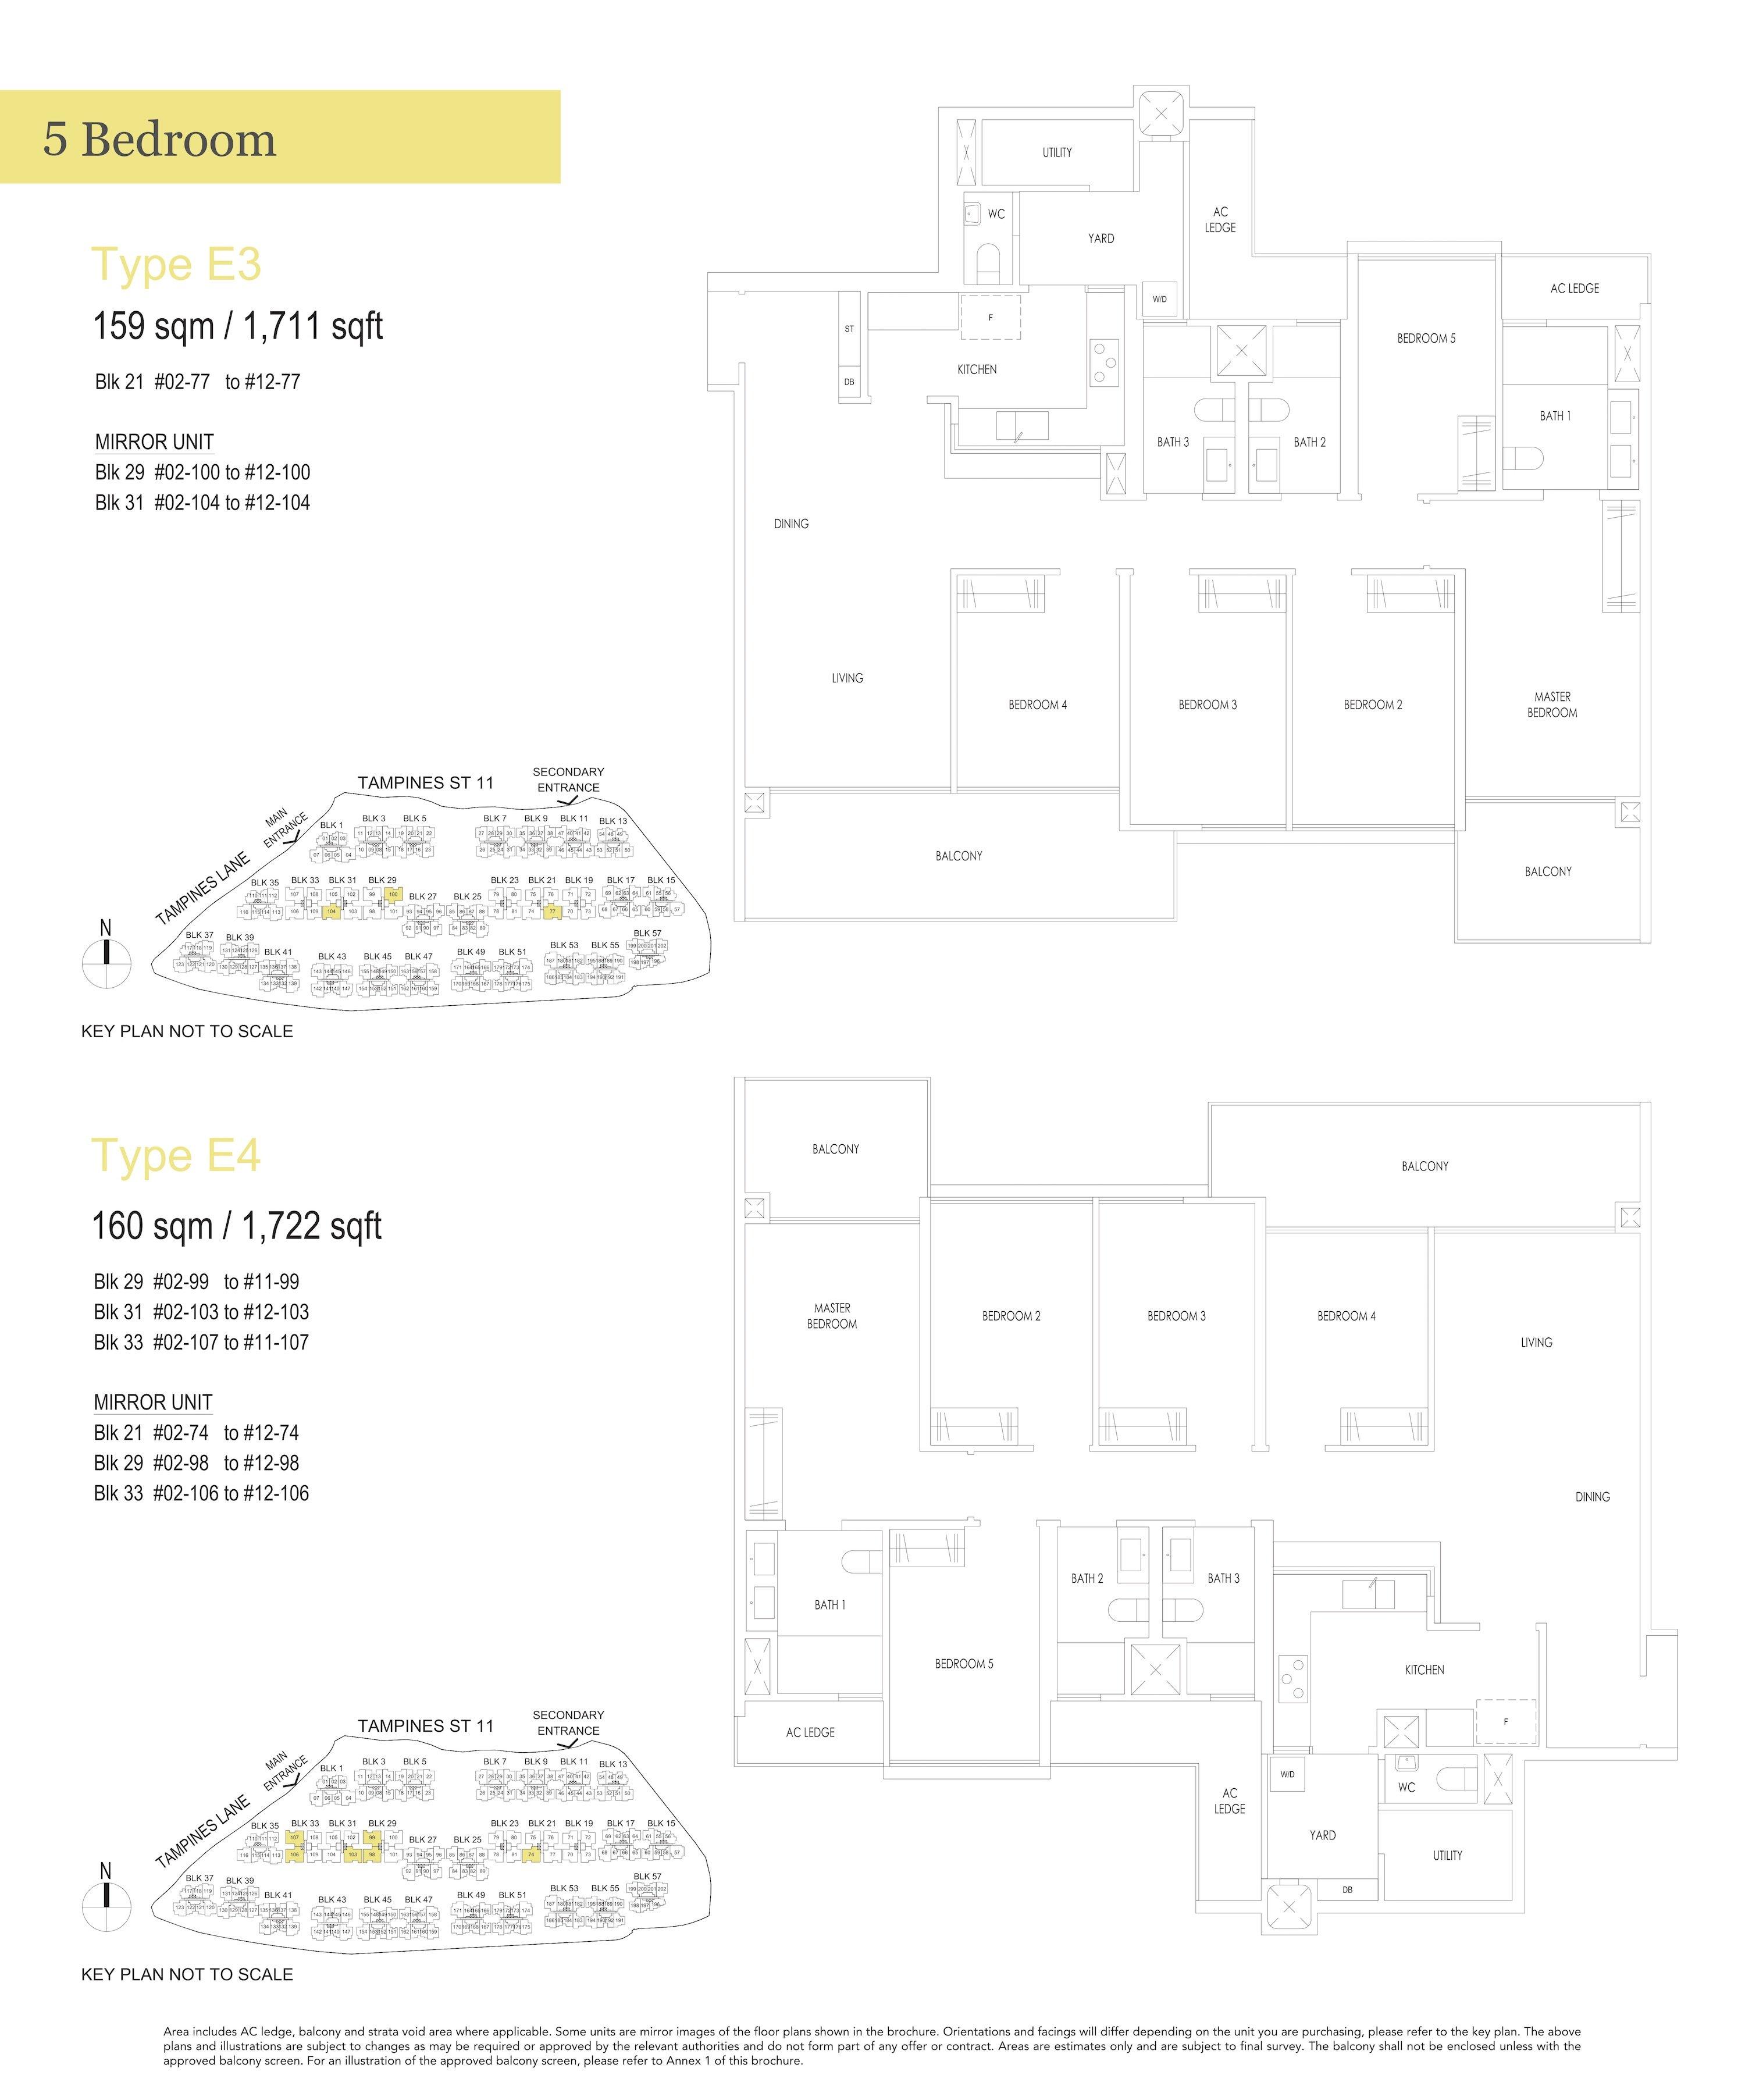 Treasure At Tampines 聚宝园 5-bedroom 5卧房 E3 E4